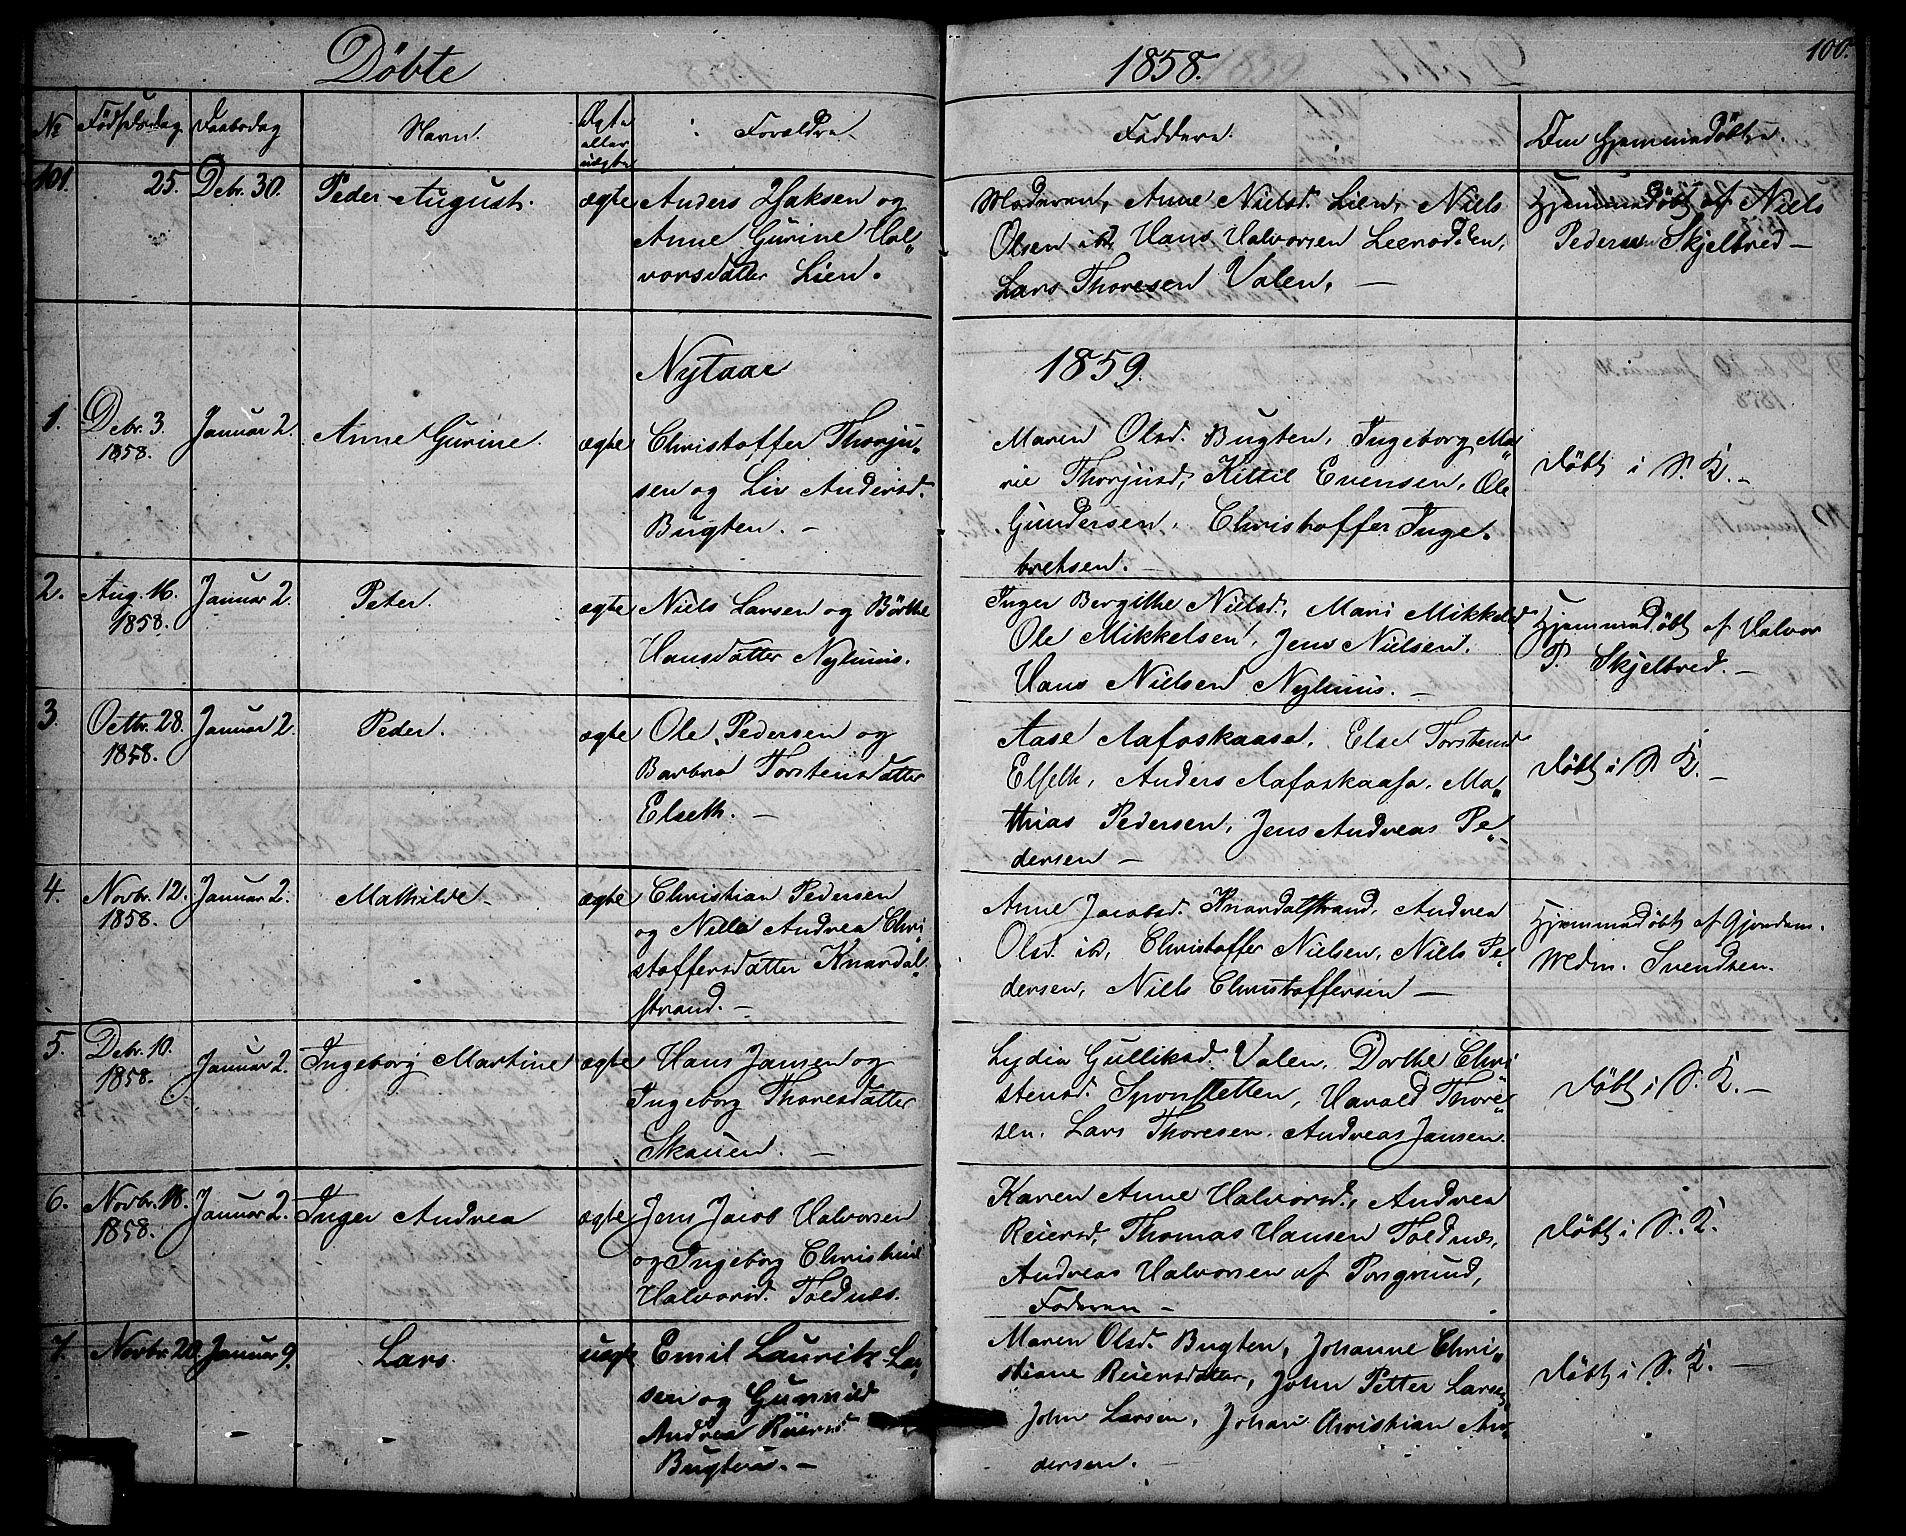 SAKO, Solum kirkebøker, G/Ga/L0003: Klokkerbok nr. I 3, 1848-1859, s. 100